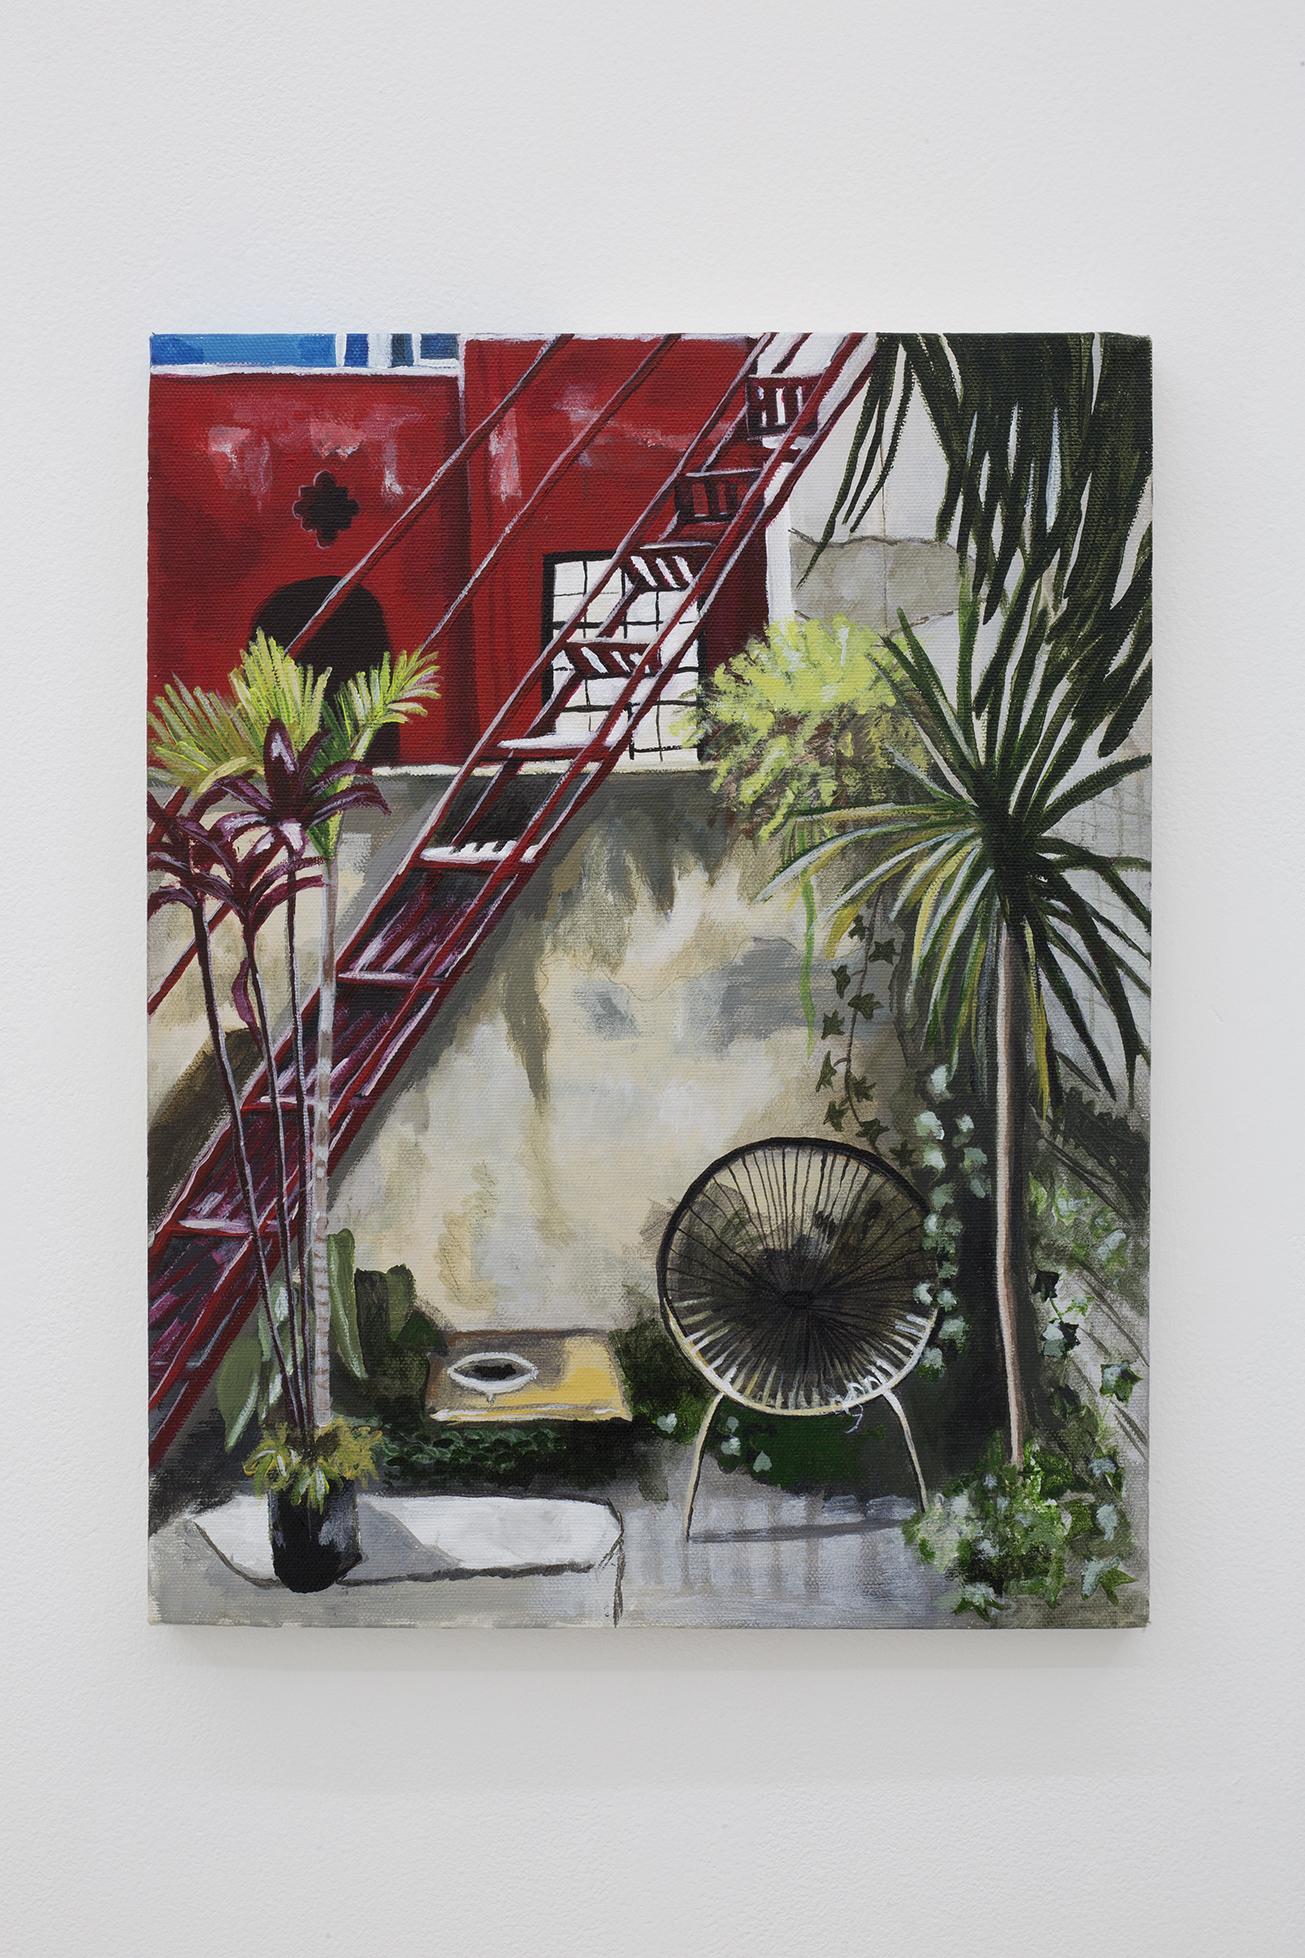 Shana Sharp, Palm, 2018. Acrylic on canvas. 16 x 20 inch (40.64 x 50.8 cm)